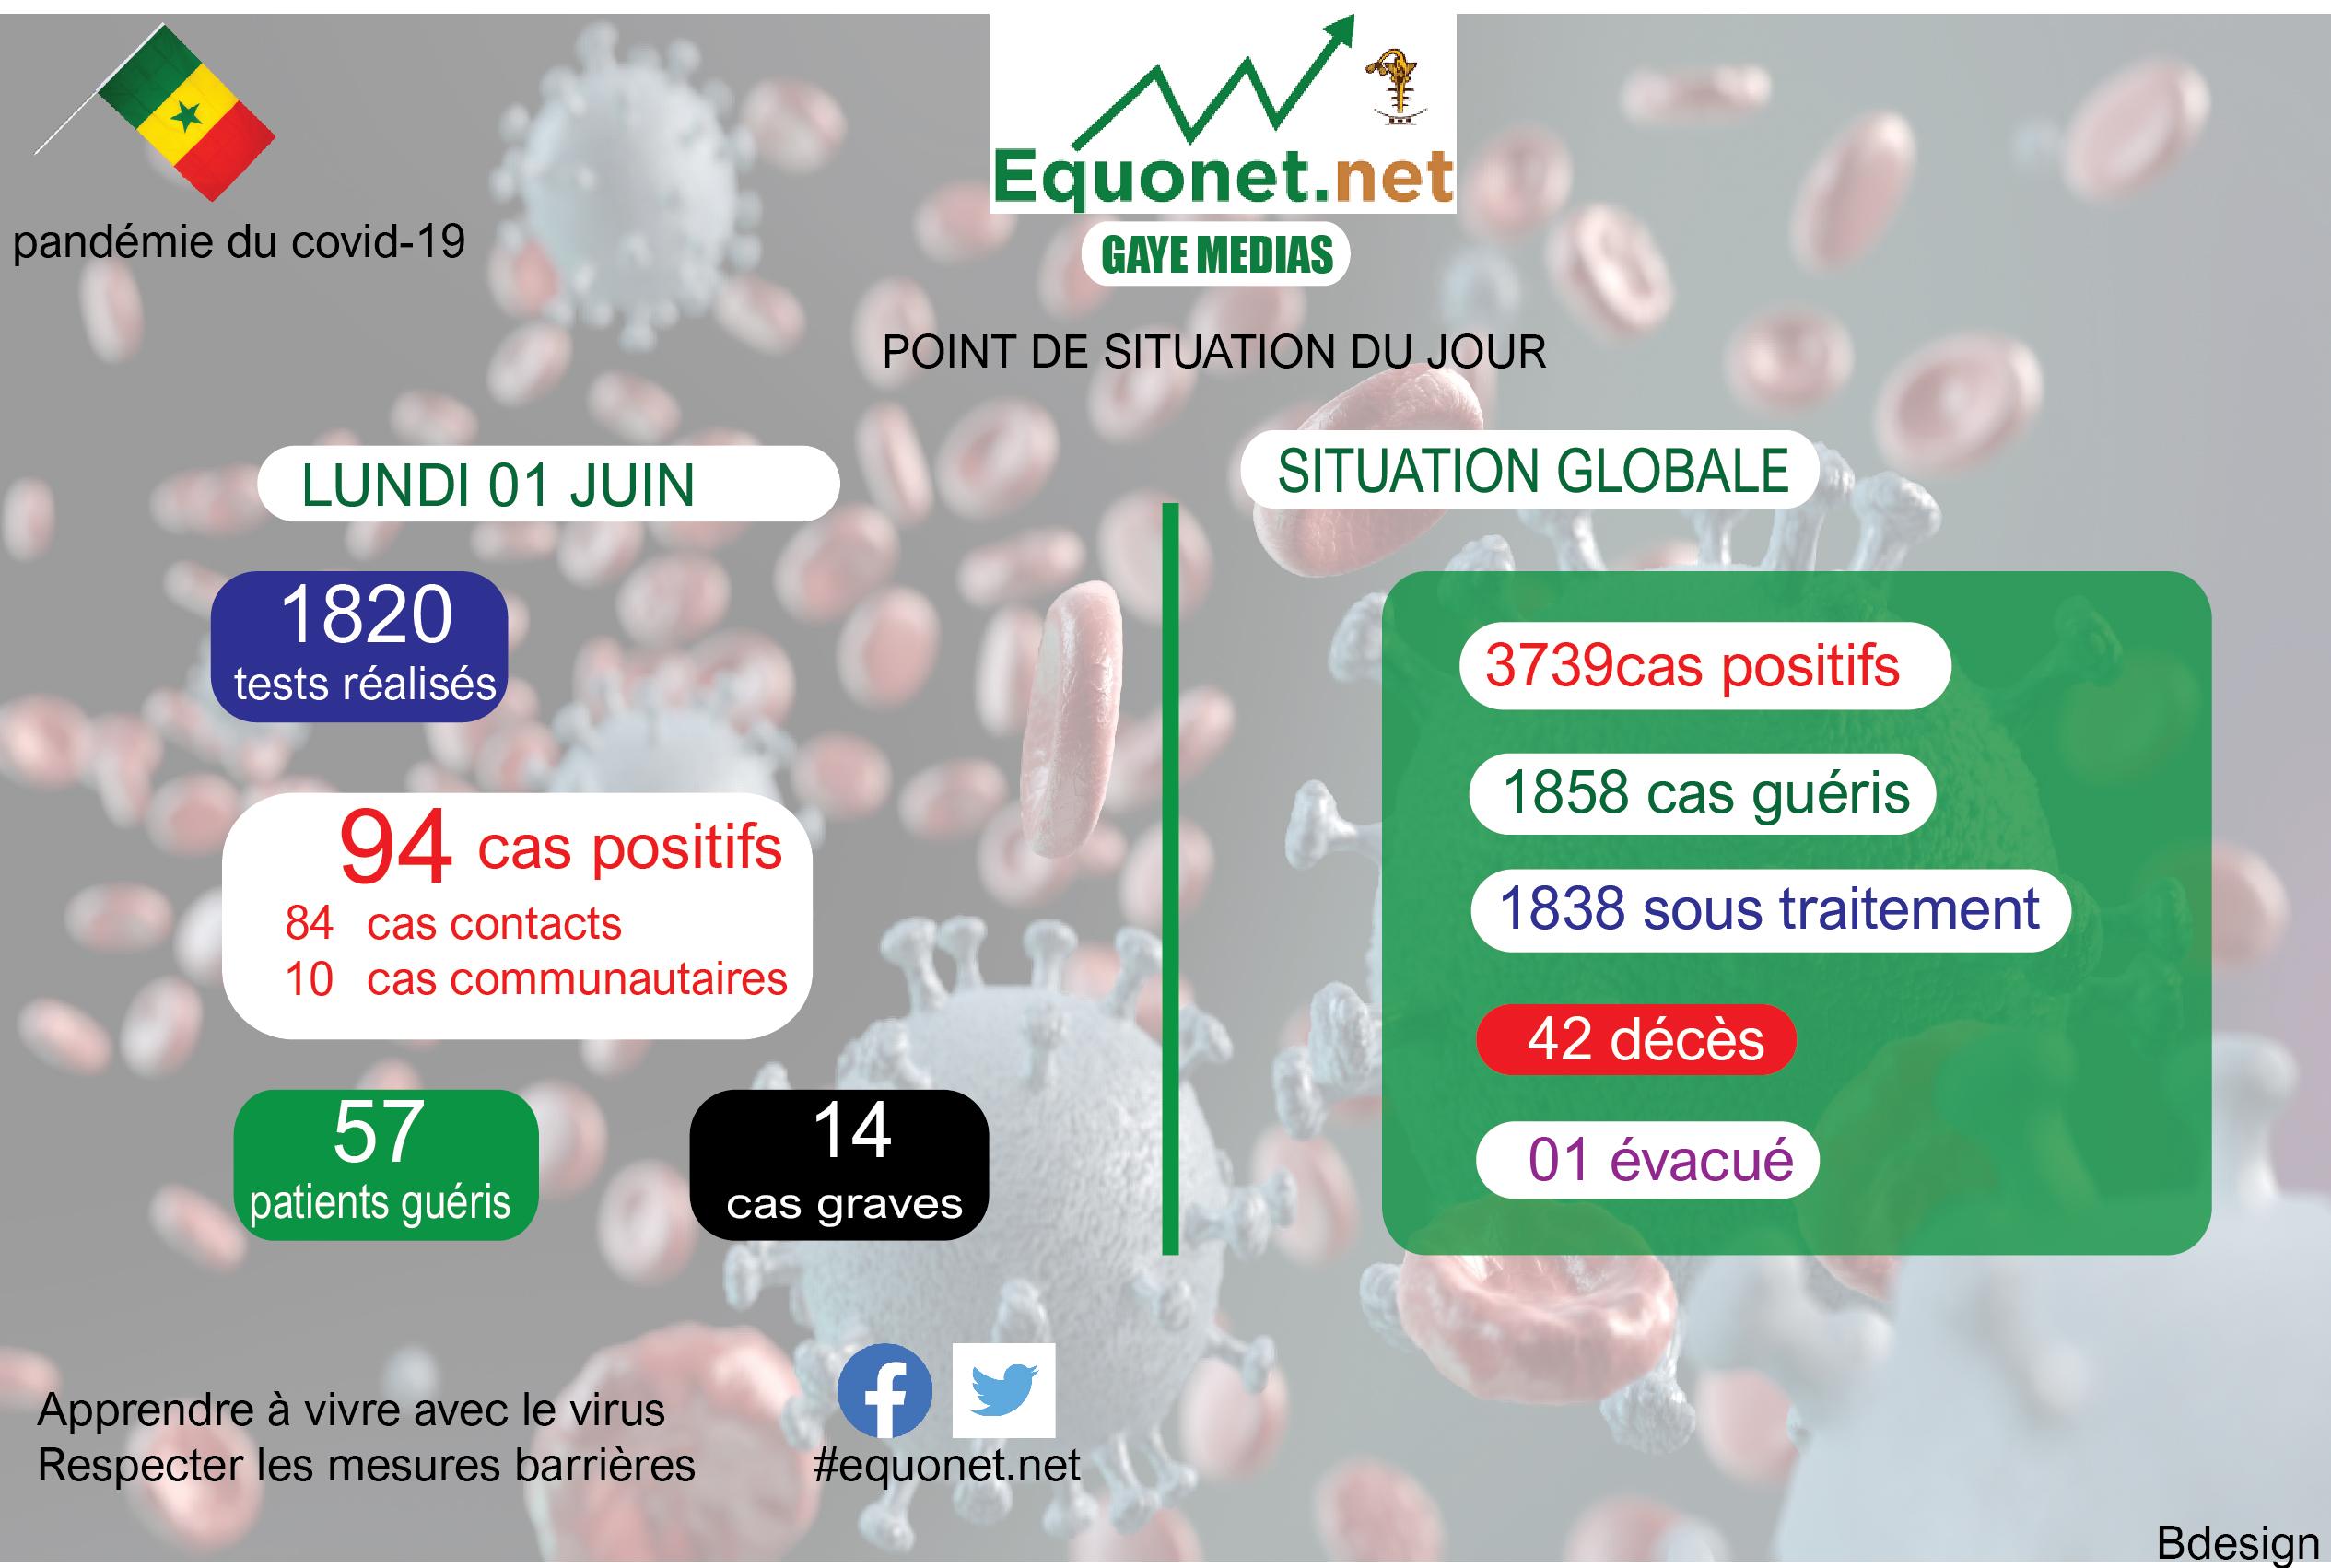 pandémie du coronavirus-covid-19 au sénégal : point de situation du lundi 01 juin 2020